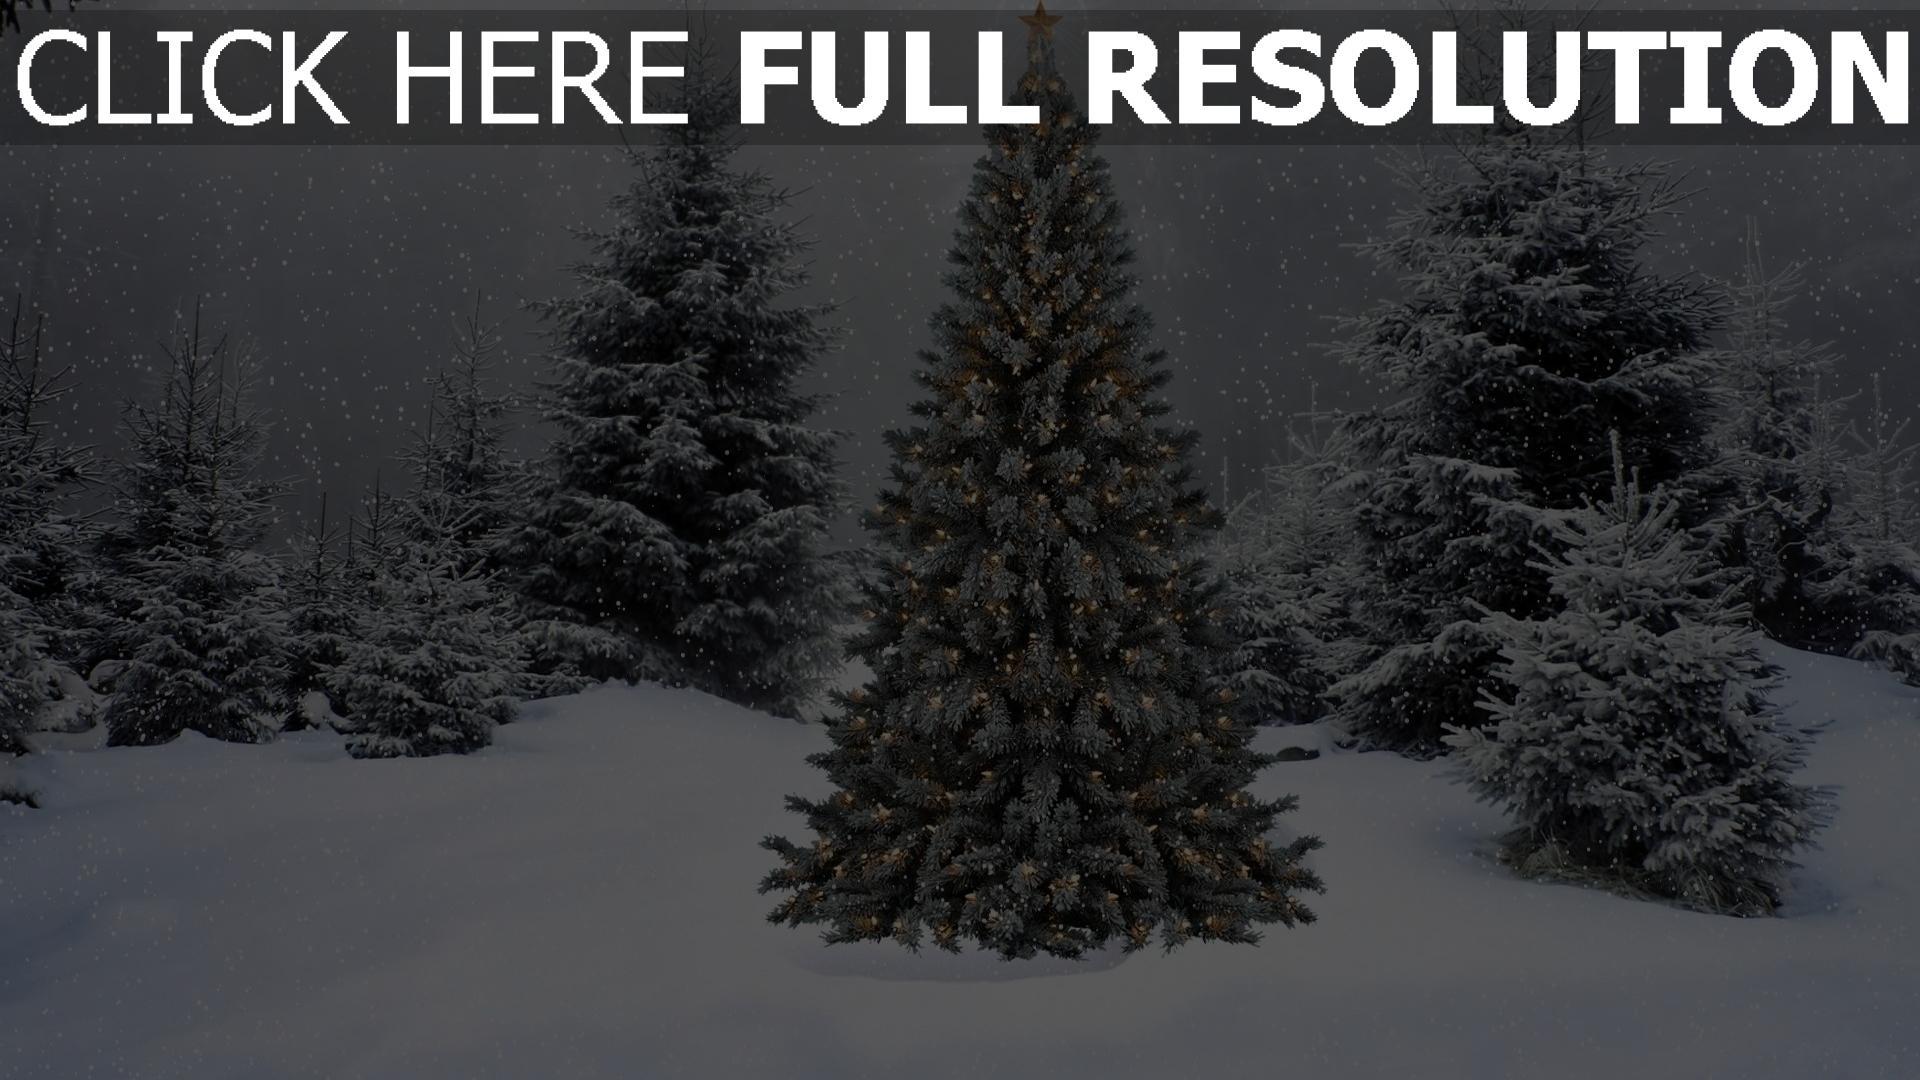 hd hintergrundbilder schnee winter tanne girlande wald neujahr weihnachten 1920x1080